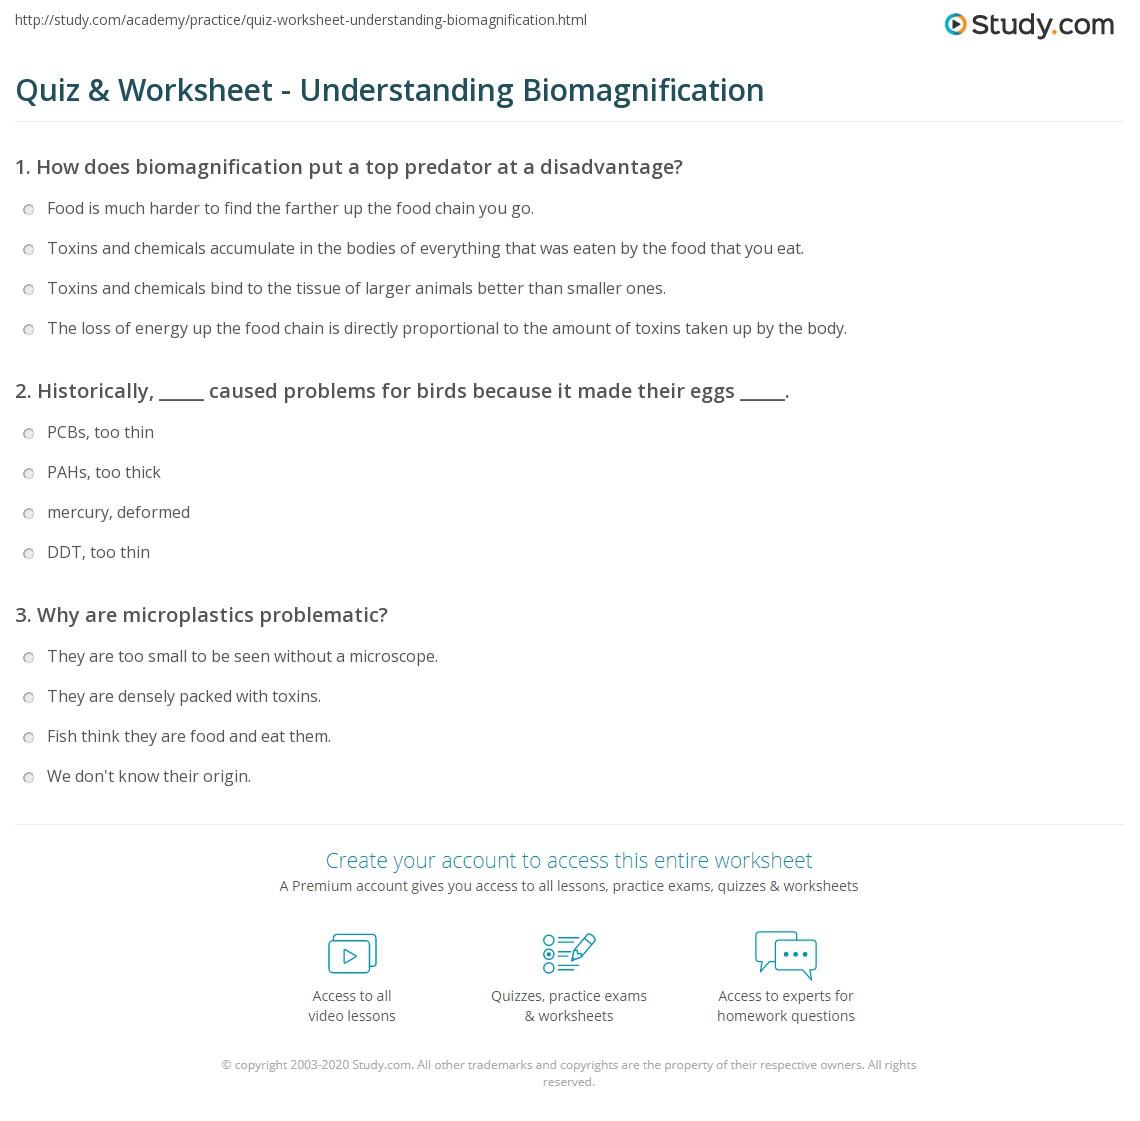 Quiz & Worksheet - Understanding Biomagnification   Study.com